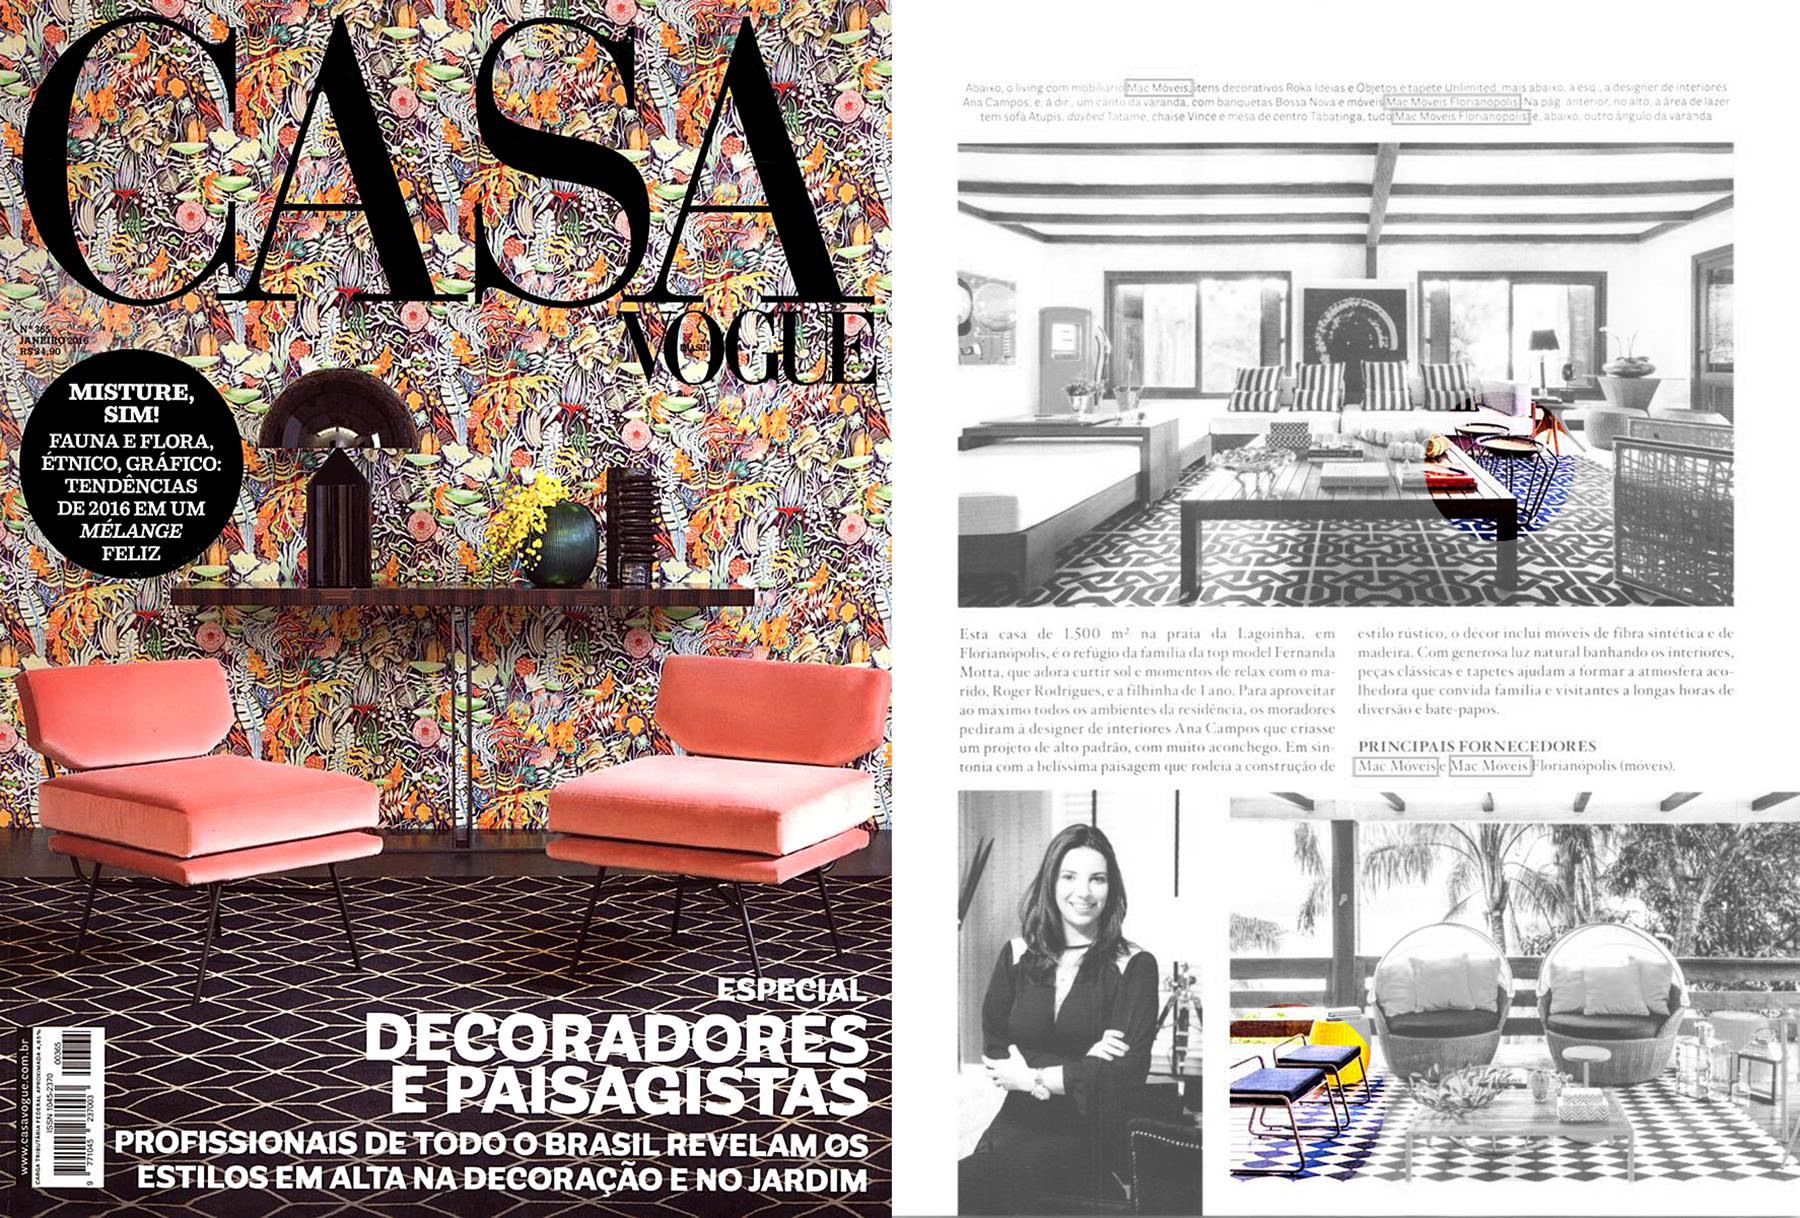 Casa Vogue nº 365 - January 2016